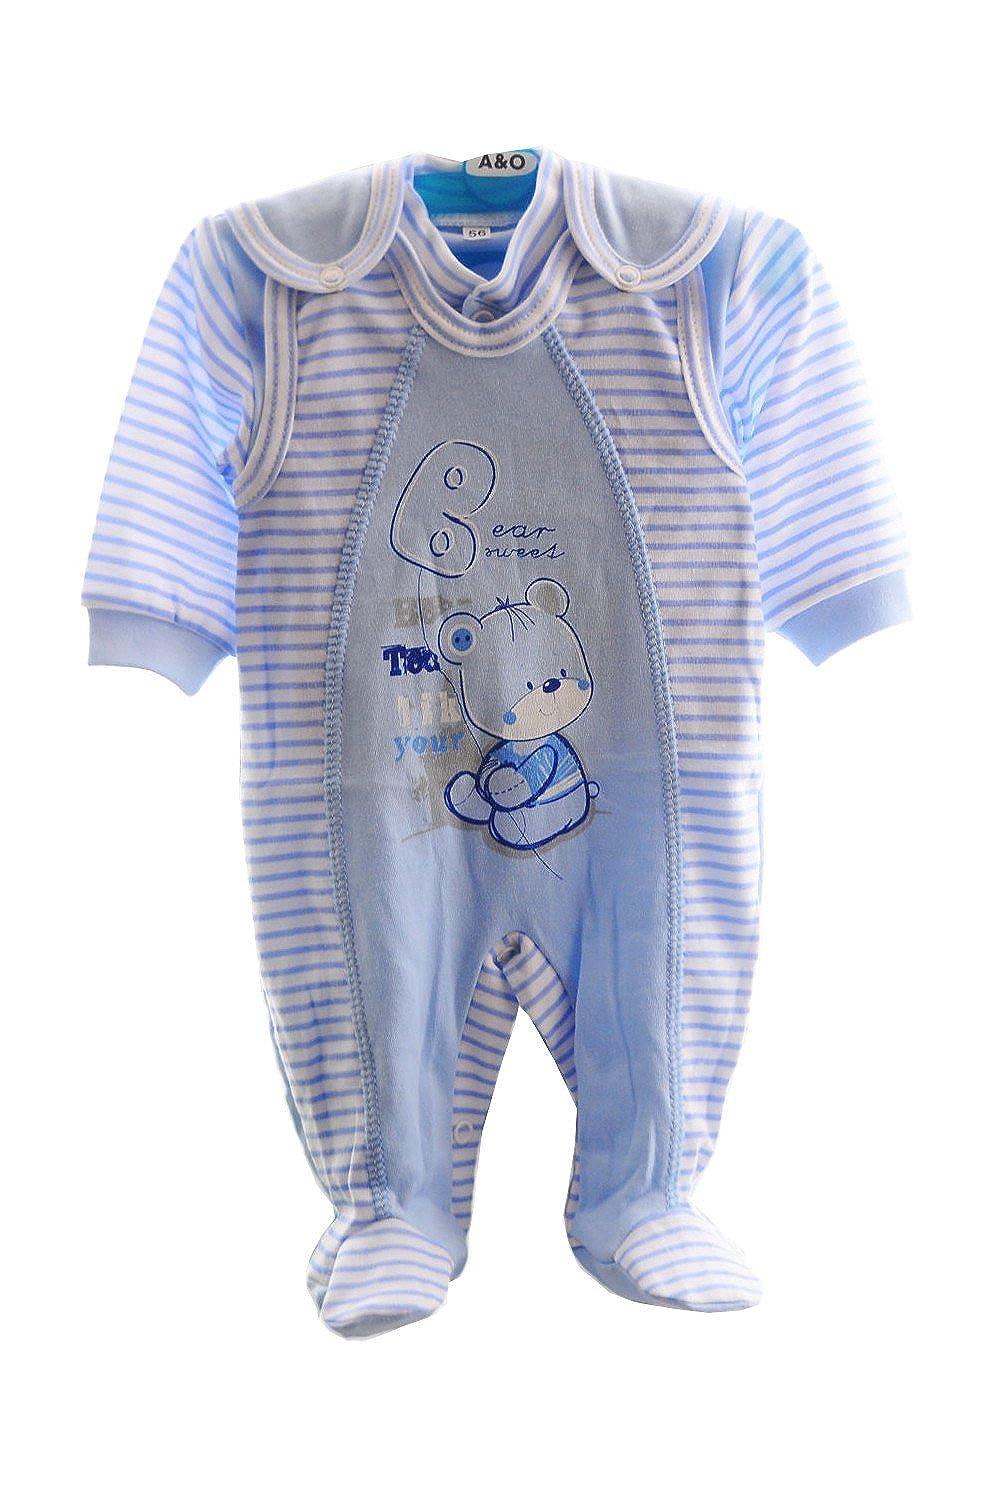 STRAMPLER und Hemdchen SET Baby Kombi 50 56 62 68 74 80 86 92 Weiß Grau Anzug